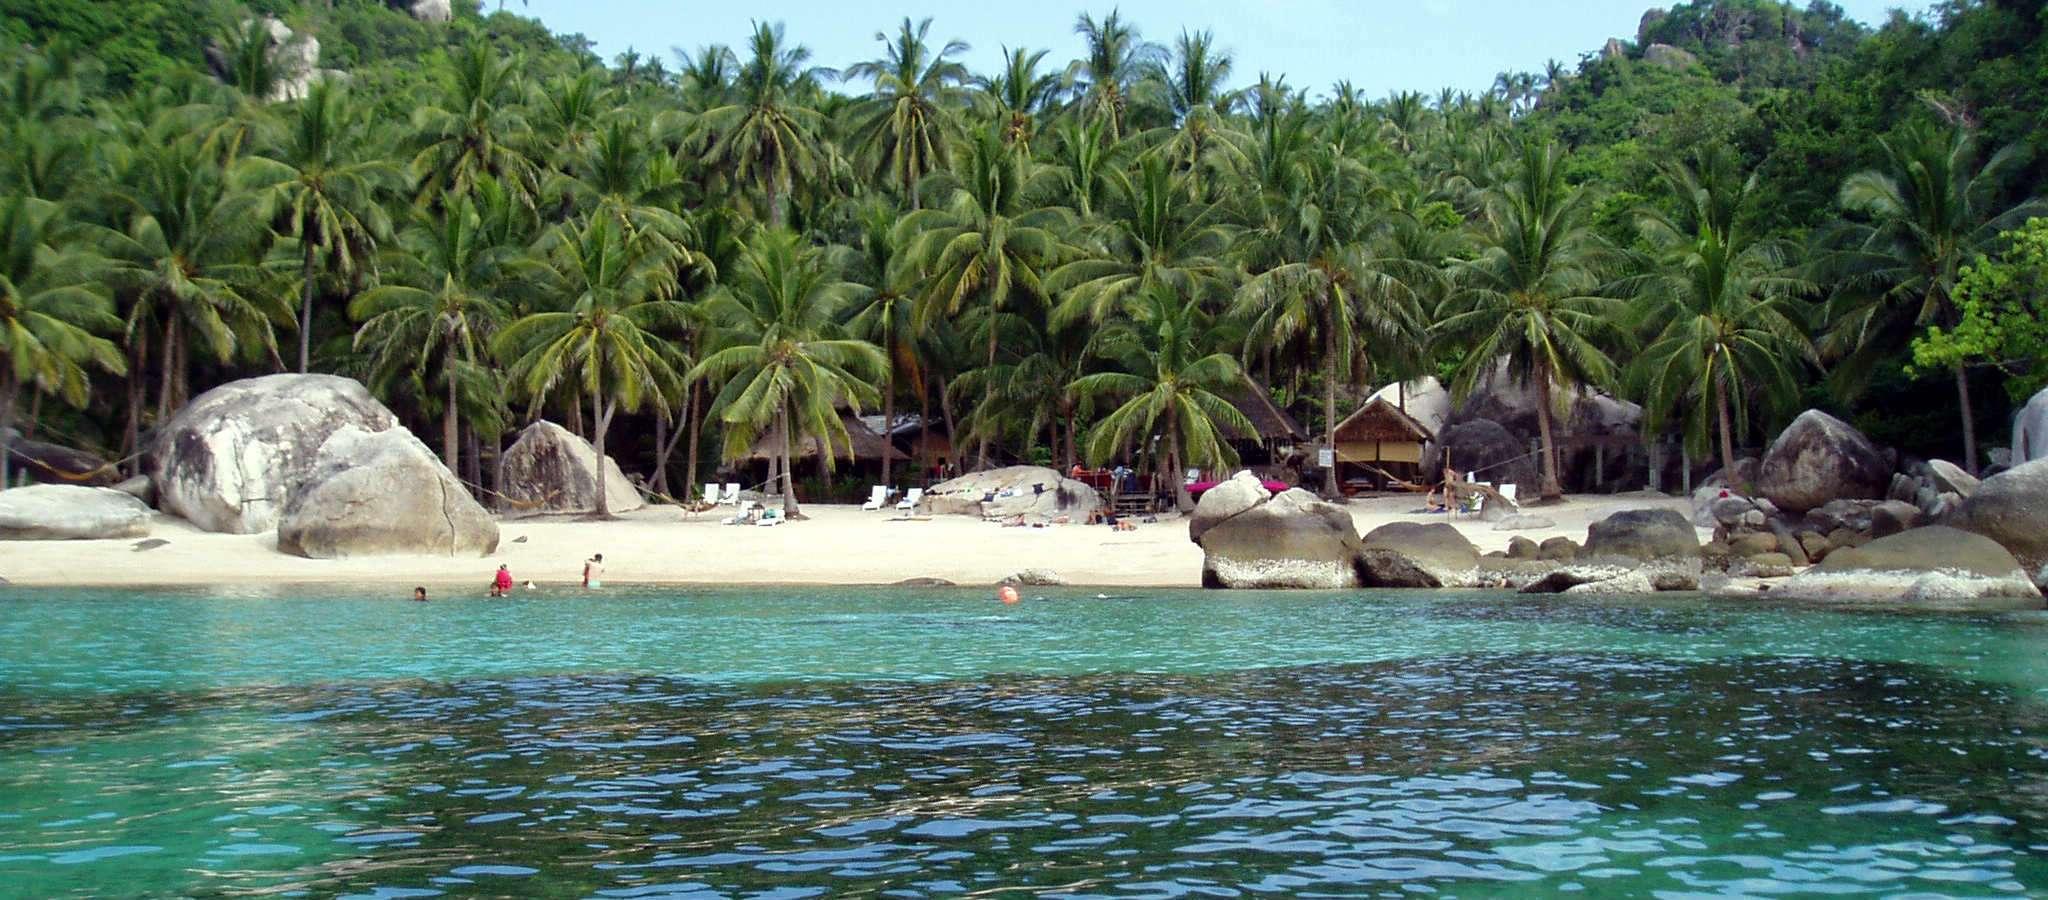 Uizticht op de palmbomen en het witte strand van de kleine baai Jansom Bay op Koh Tao in Thailand